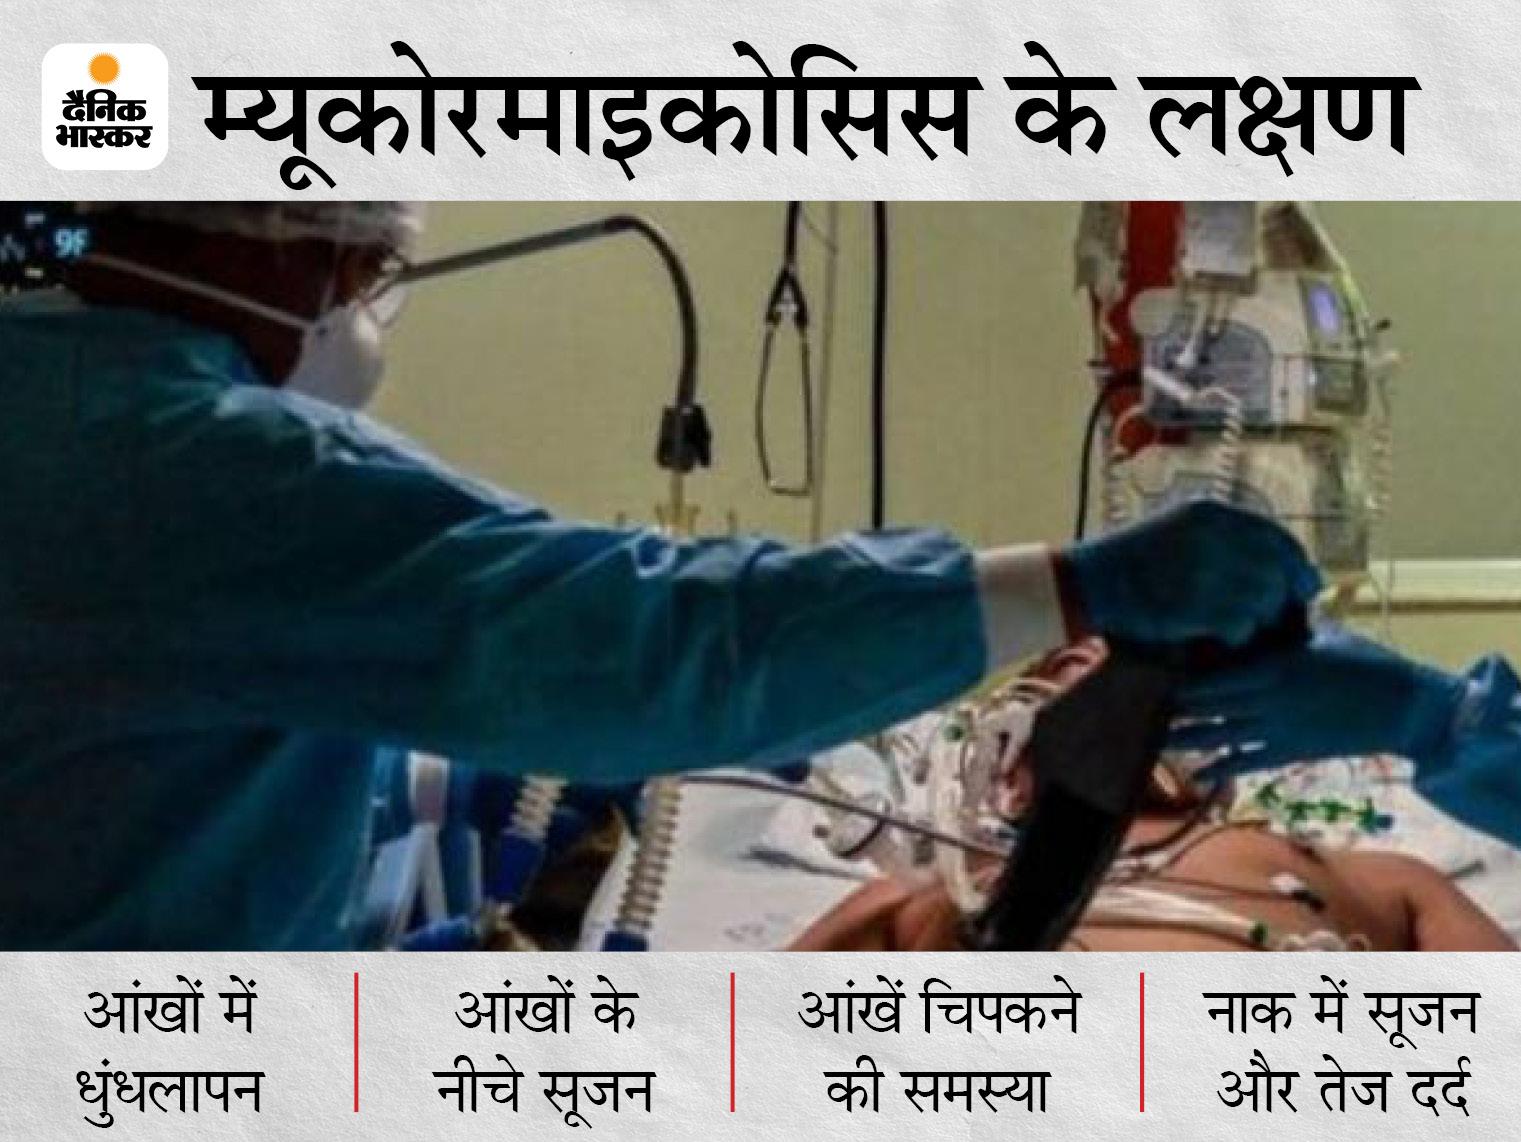 कोरोना संक्रमित डायबिटीज के मरीजों को म्यूकोरमाइकोसिस का खतरा, नाक-कान-गले में हो रहा जानलेवा इंफेक्शन गुजरात,Gujarat - Dainik Bhaskar